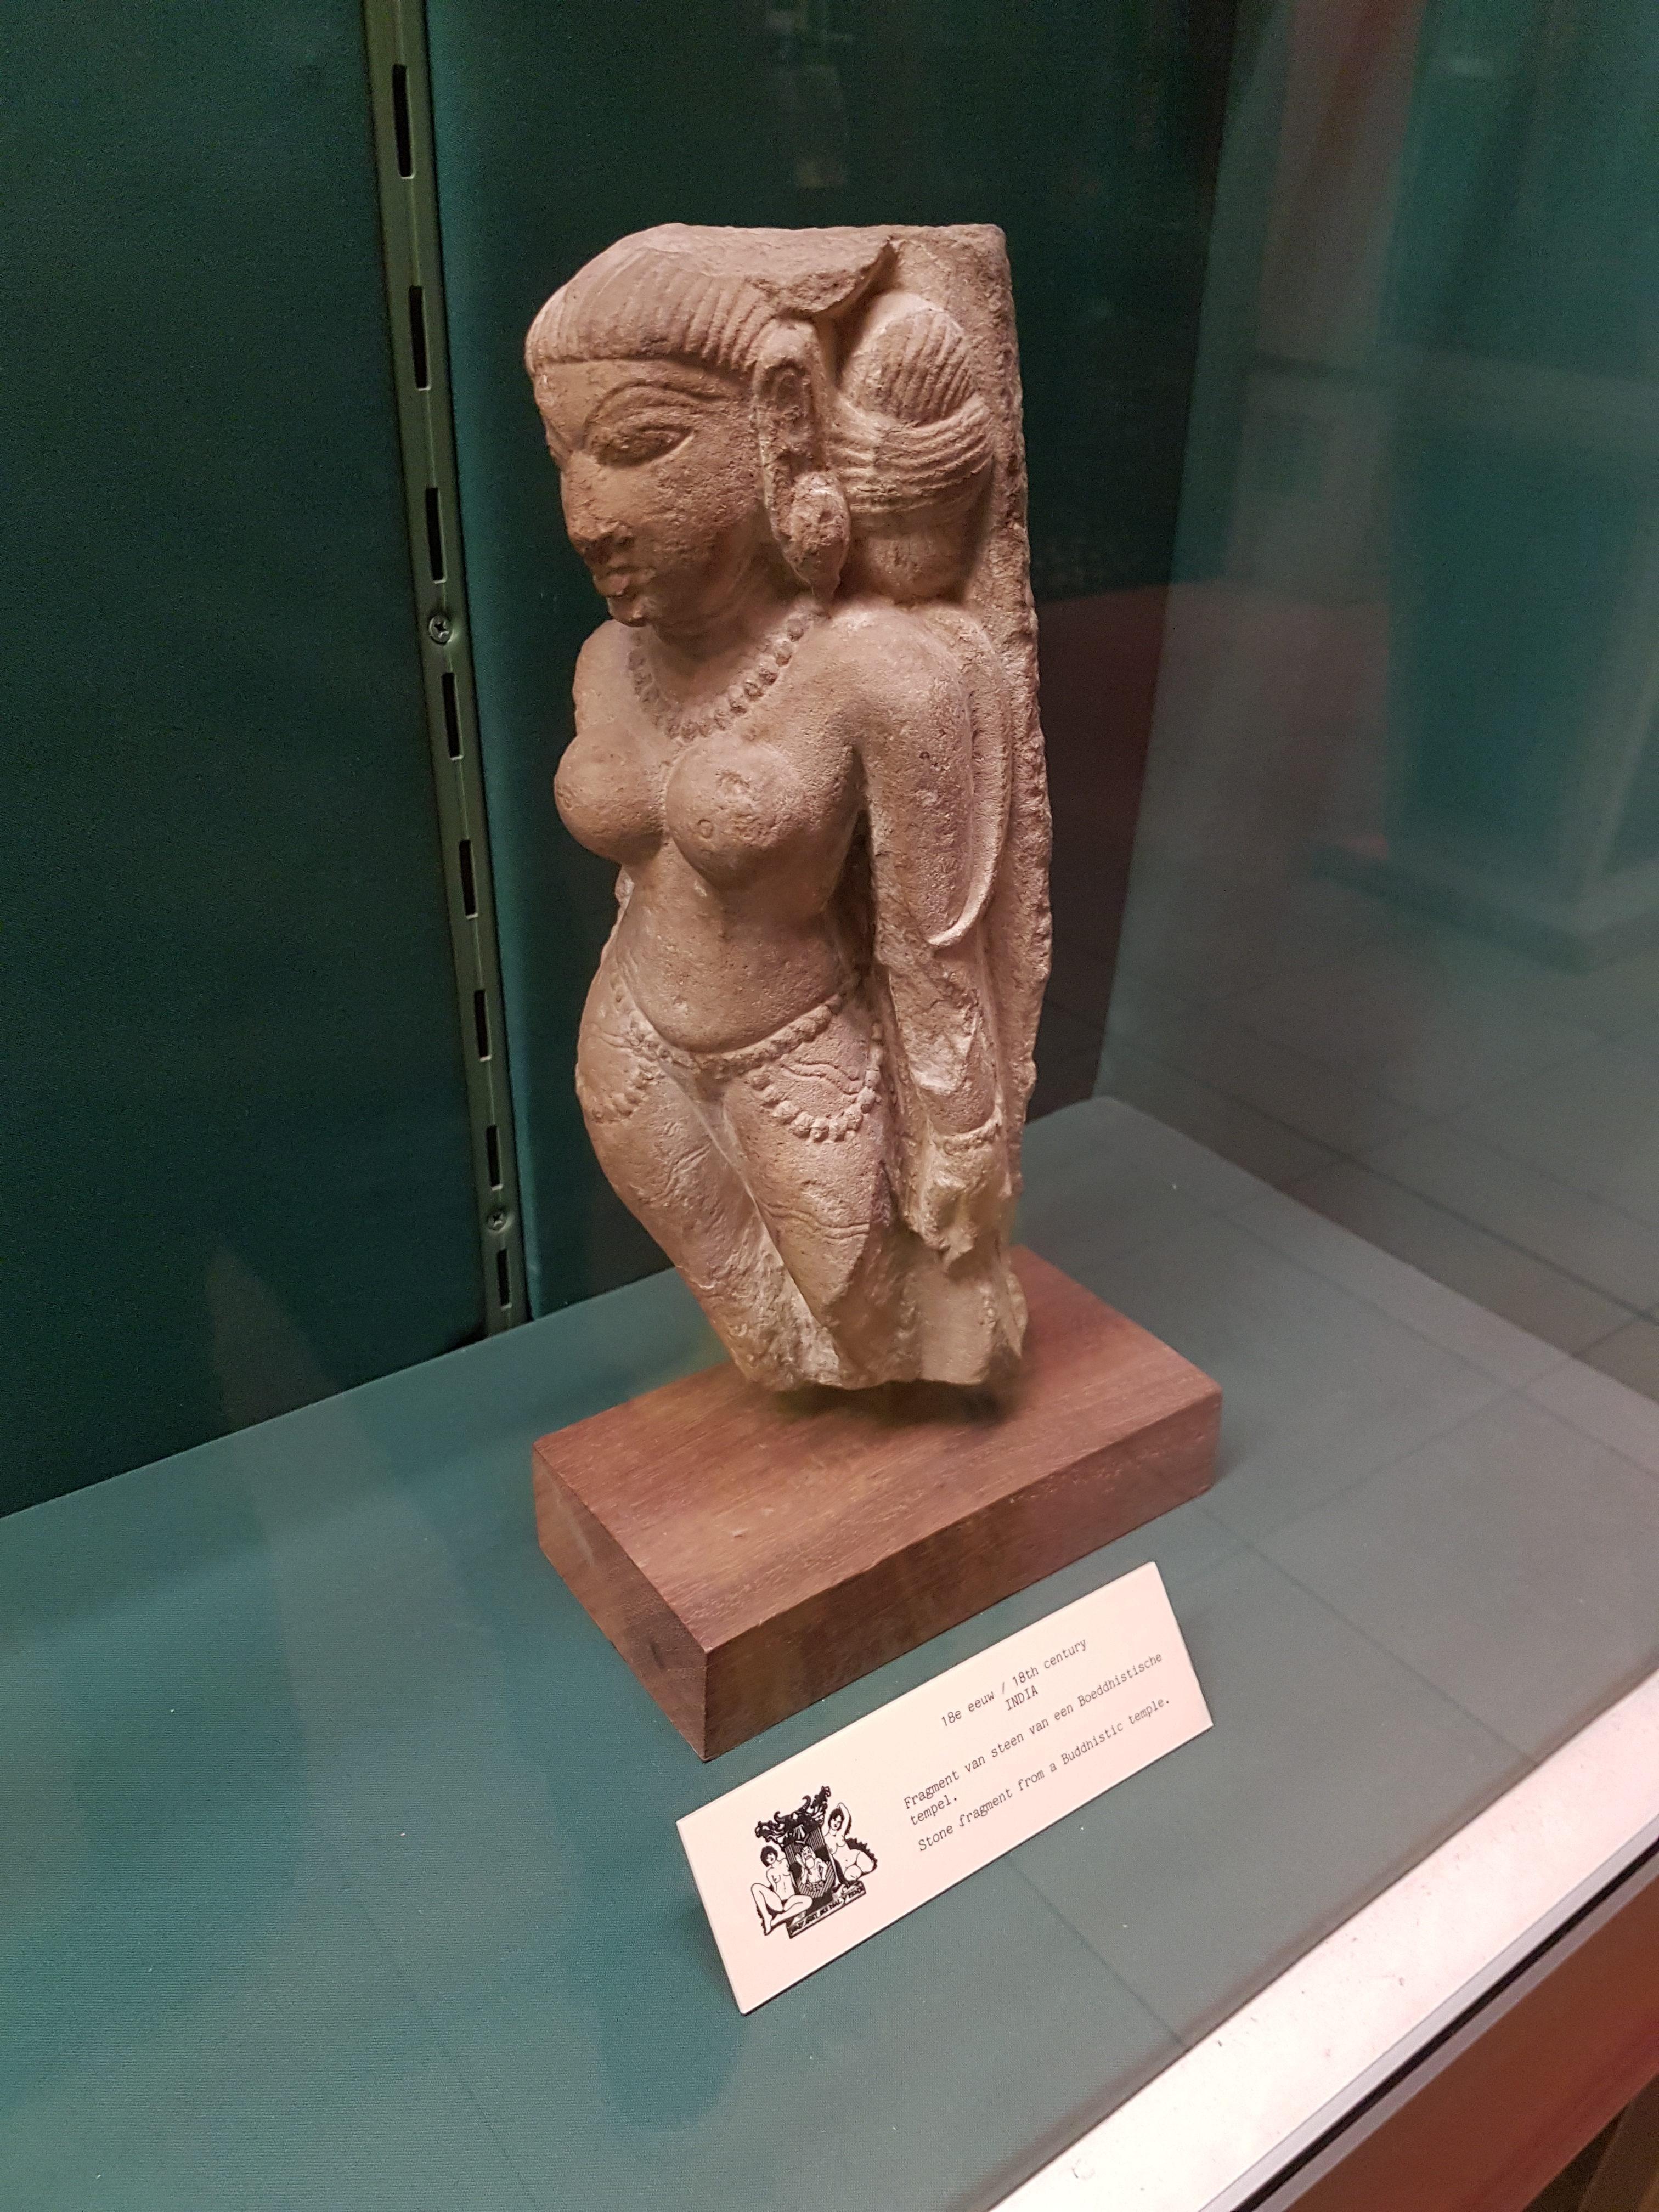 Ein Wochenende in Amsterdam - Sexmuseum